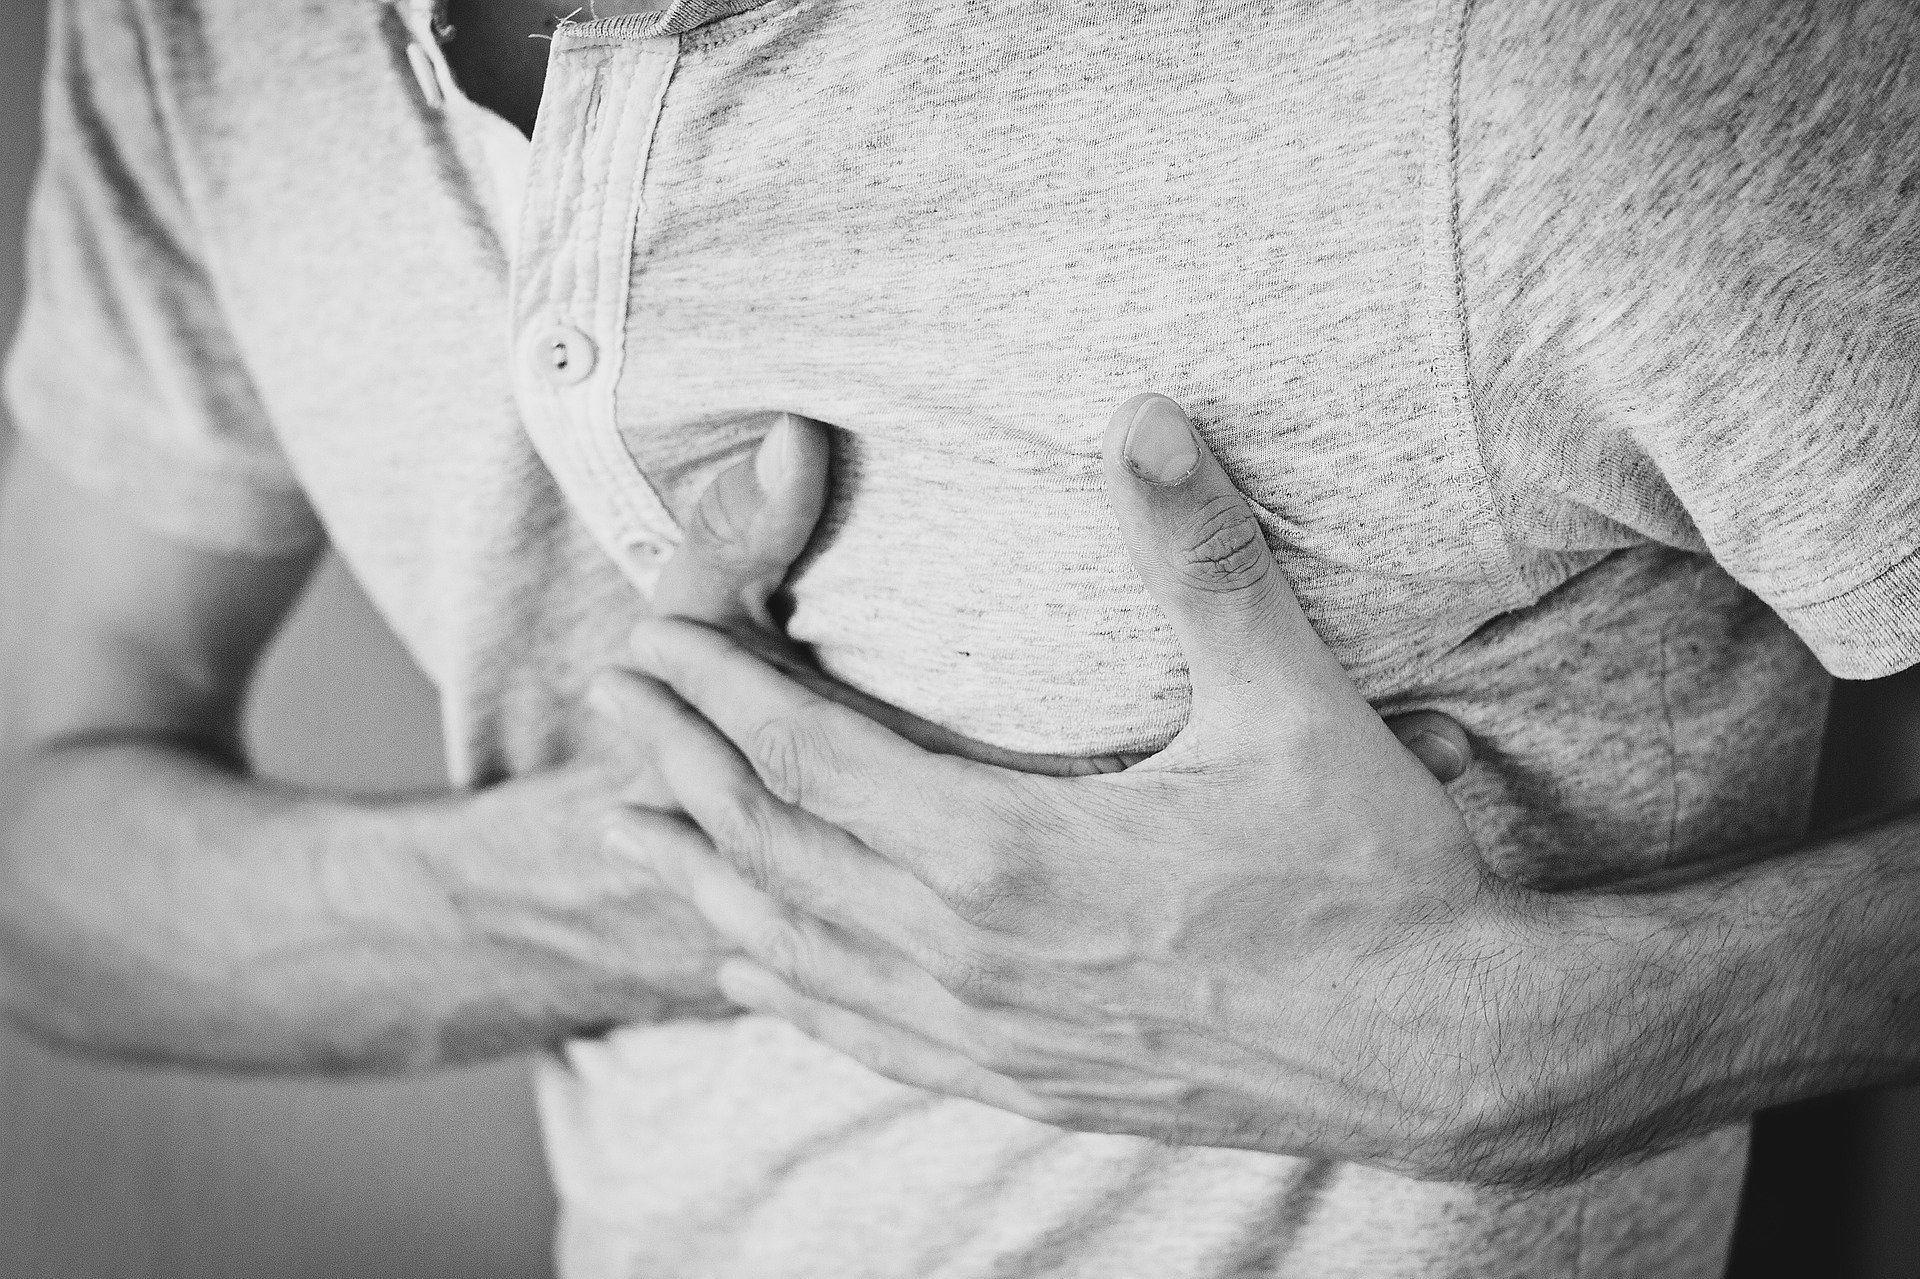 Masz tę moc – moc ratowania życia 16 października - Światowy Dzień Przywracania Czynności Serca